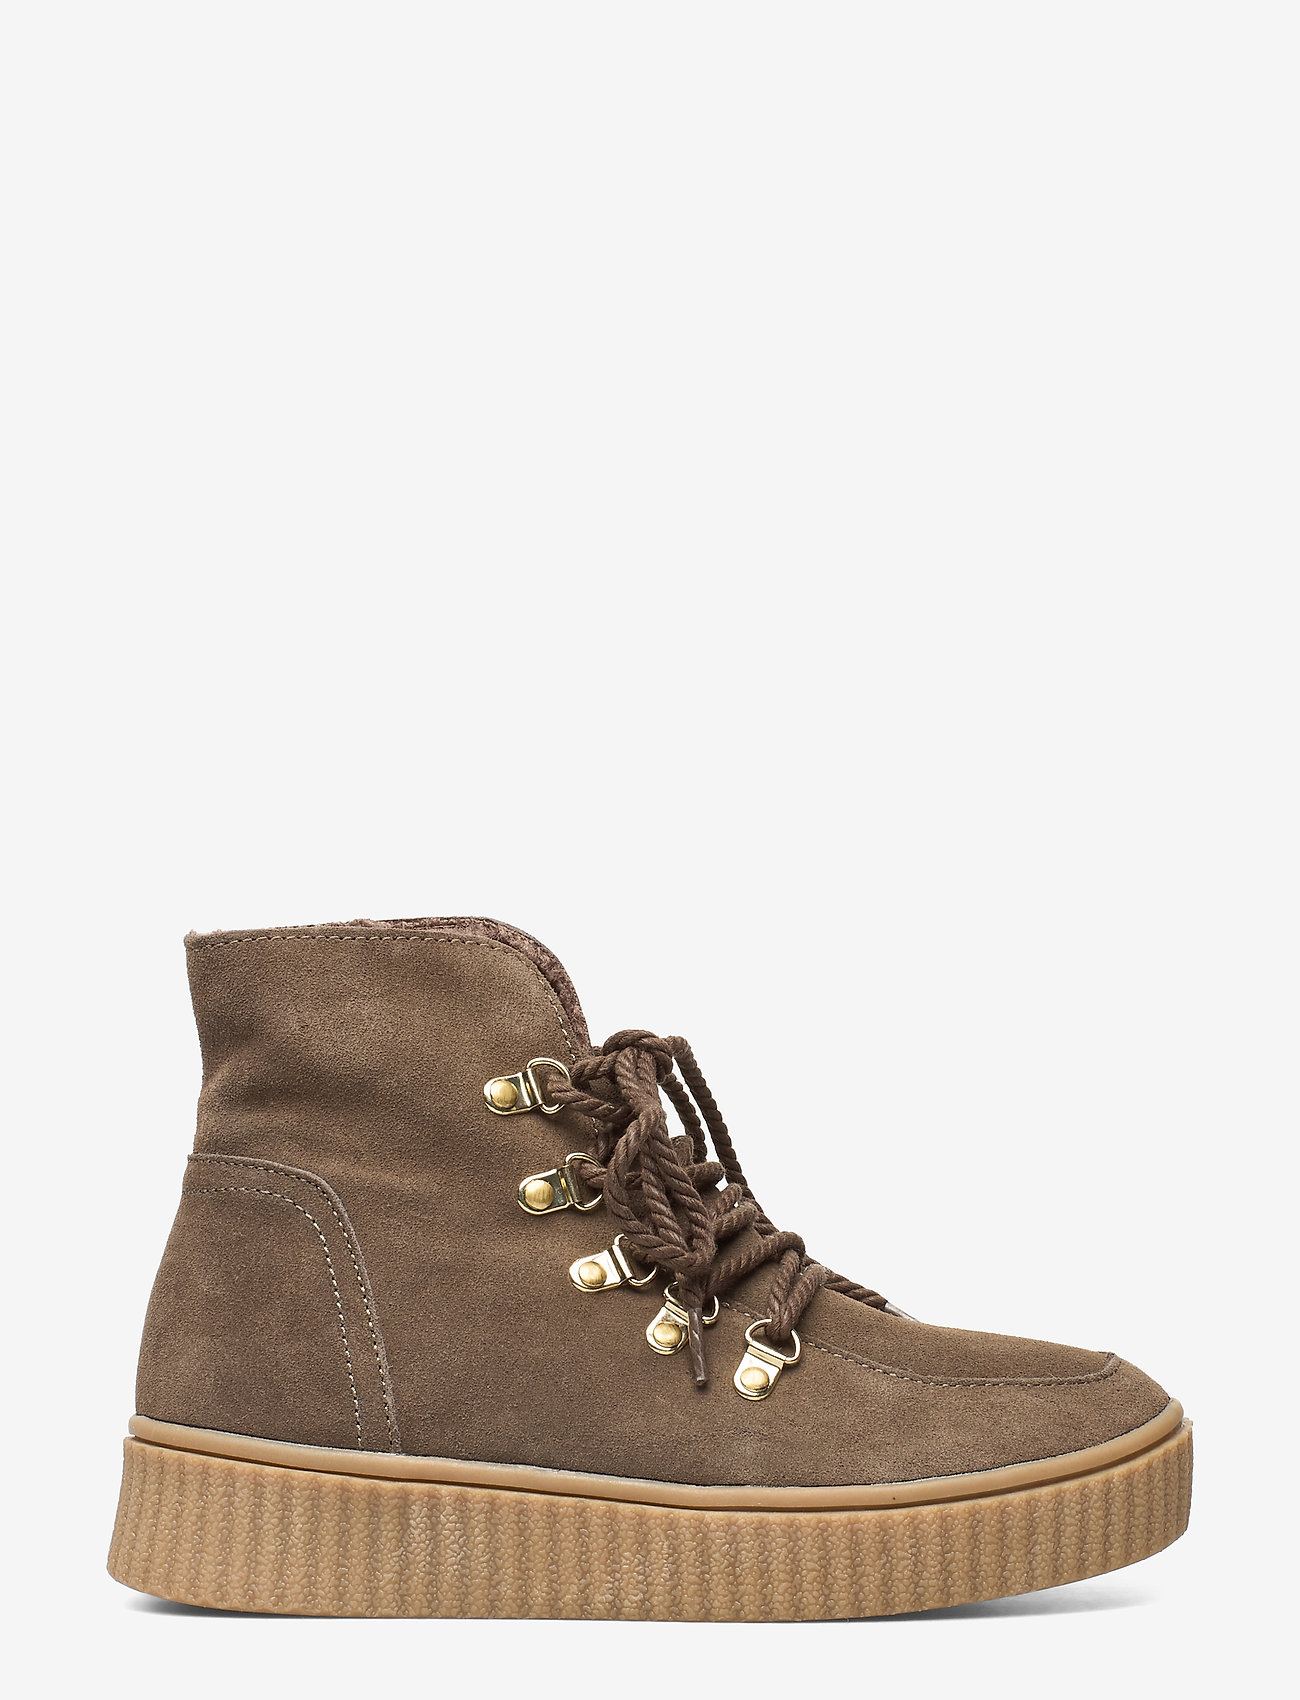 Sofie Schnoor - Boot - flade ankelstøvler - l brown - 1